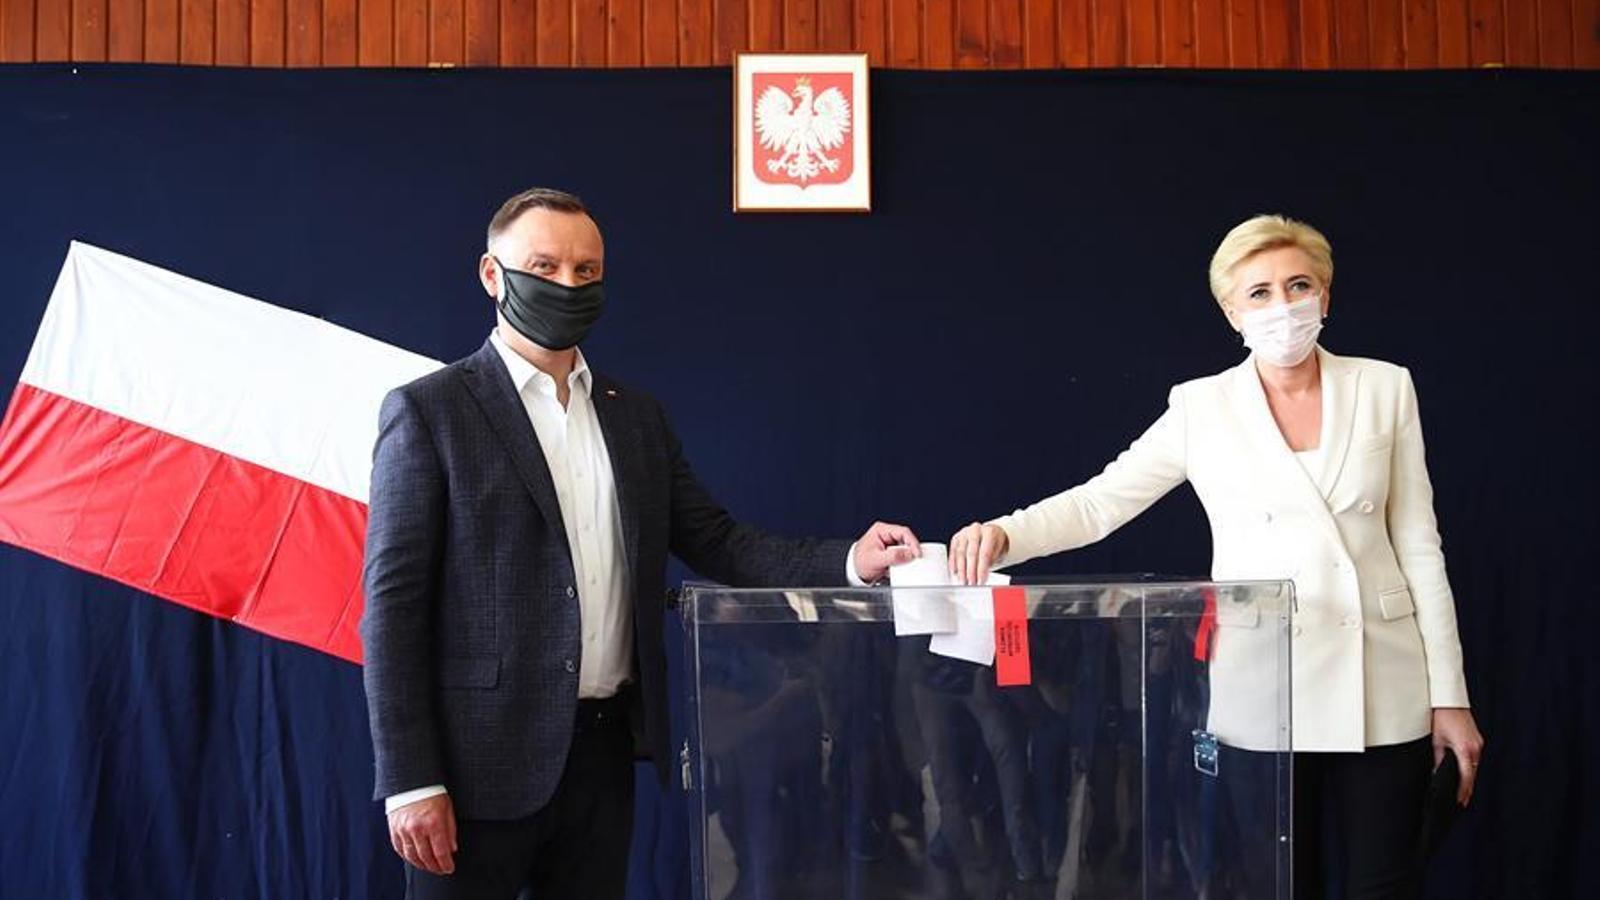 El president Andrzej Duda i la seva dona Agata Kornhauser-Duda votant en el col·legi de Cracòvia